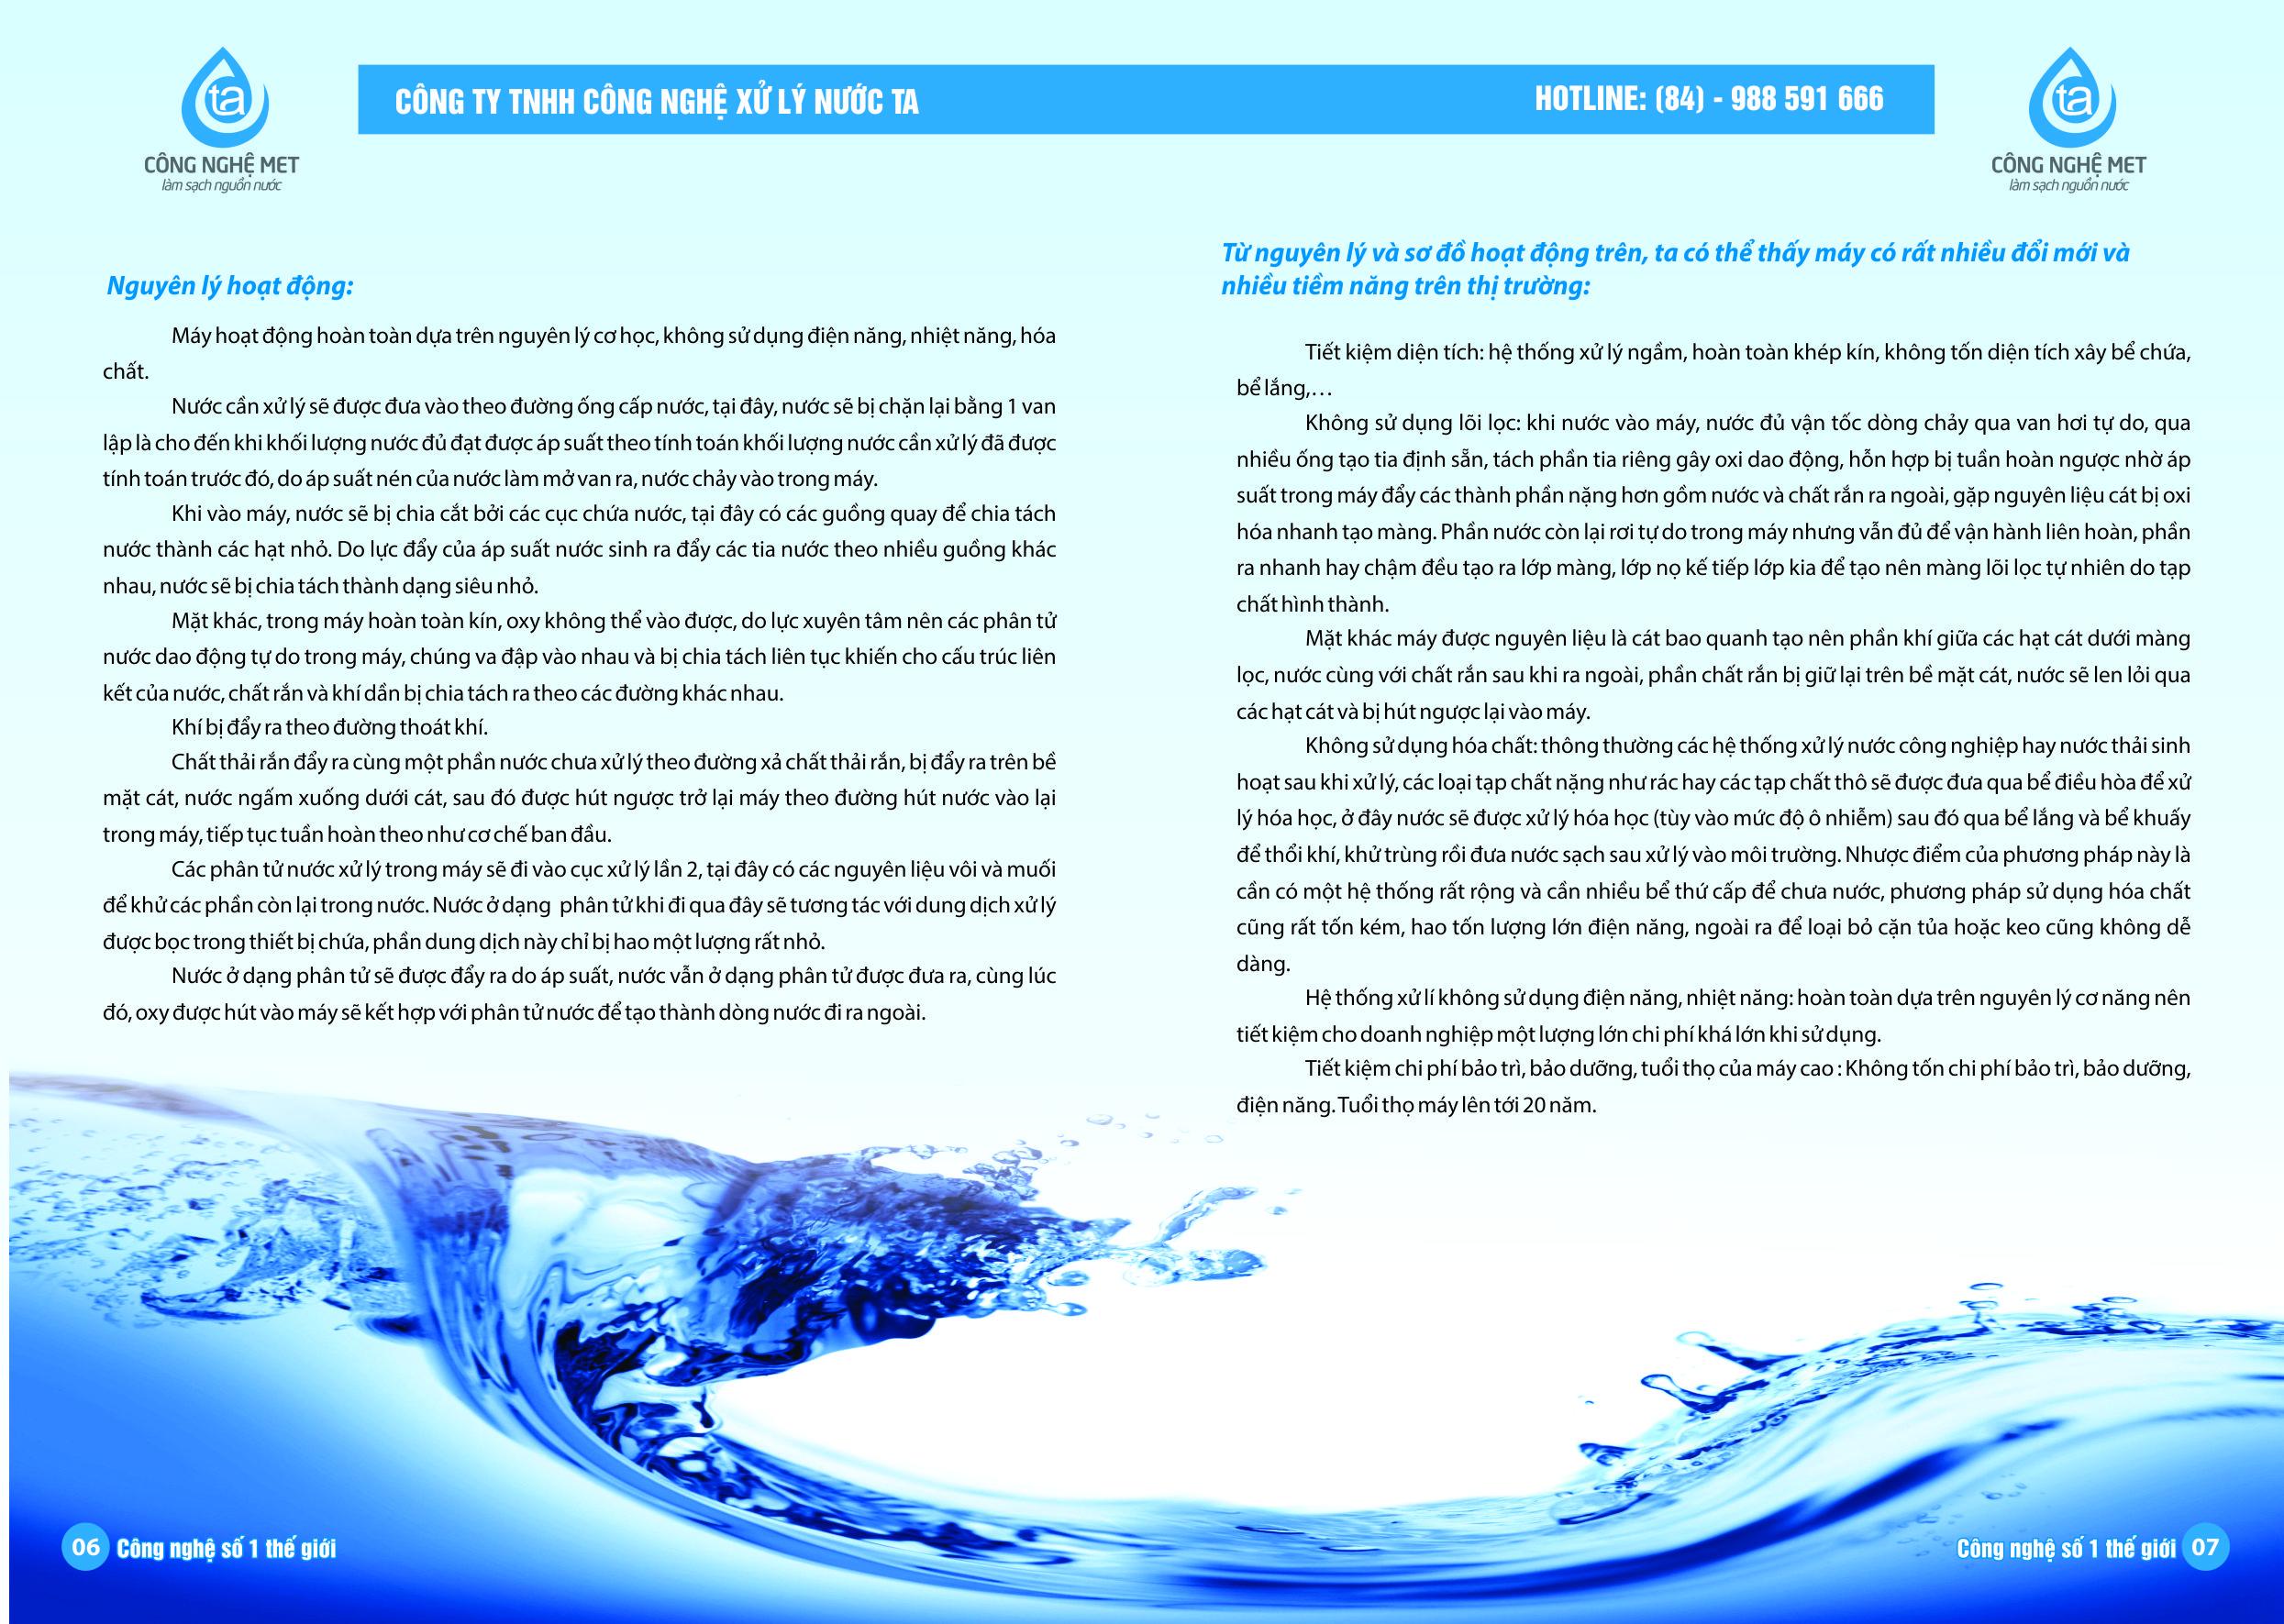 Xử lý nước nhiễm dầu Công Nghệ MET